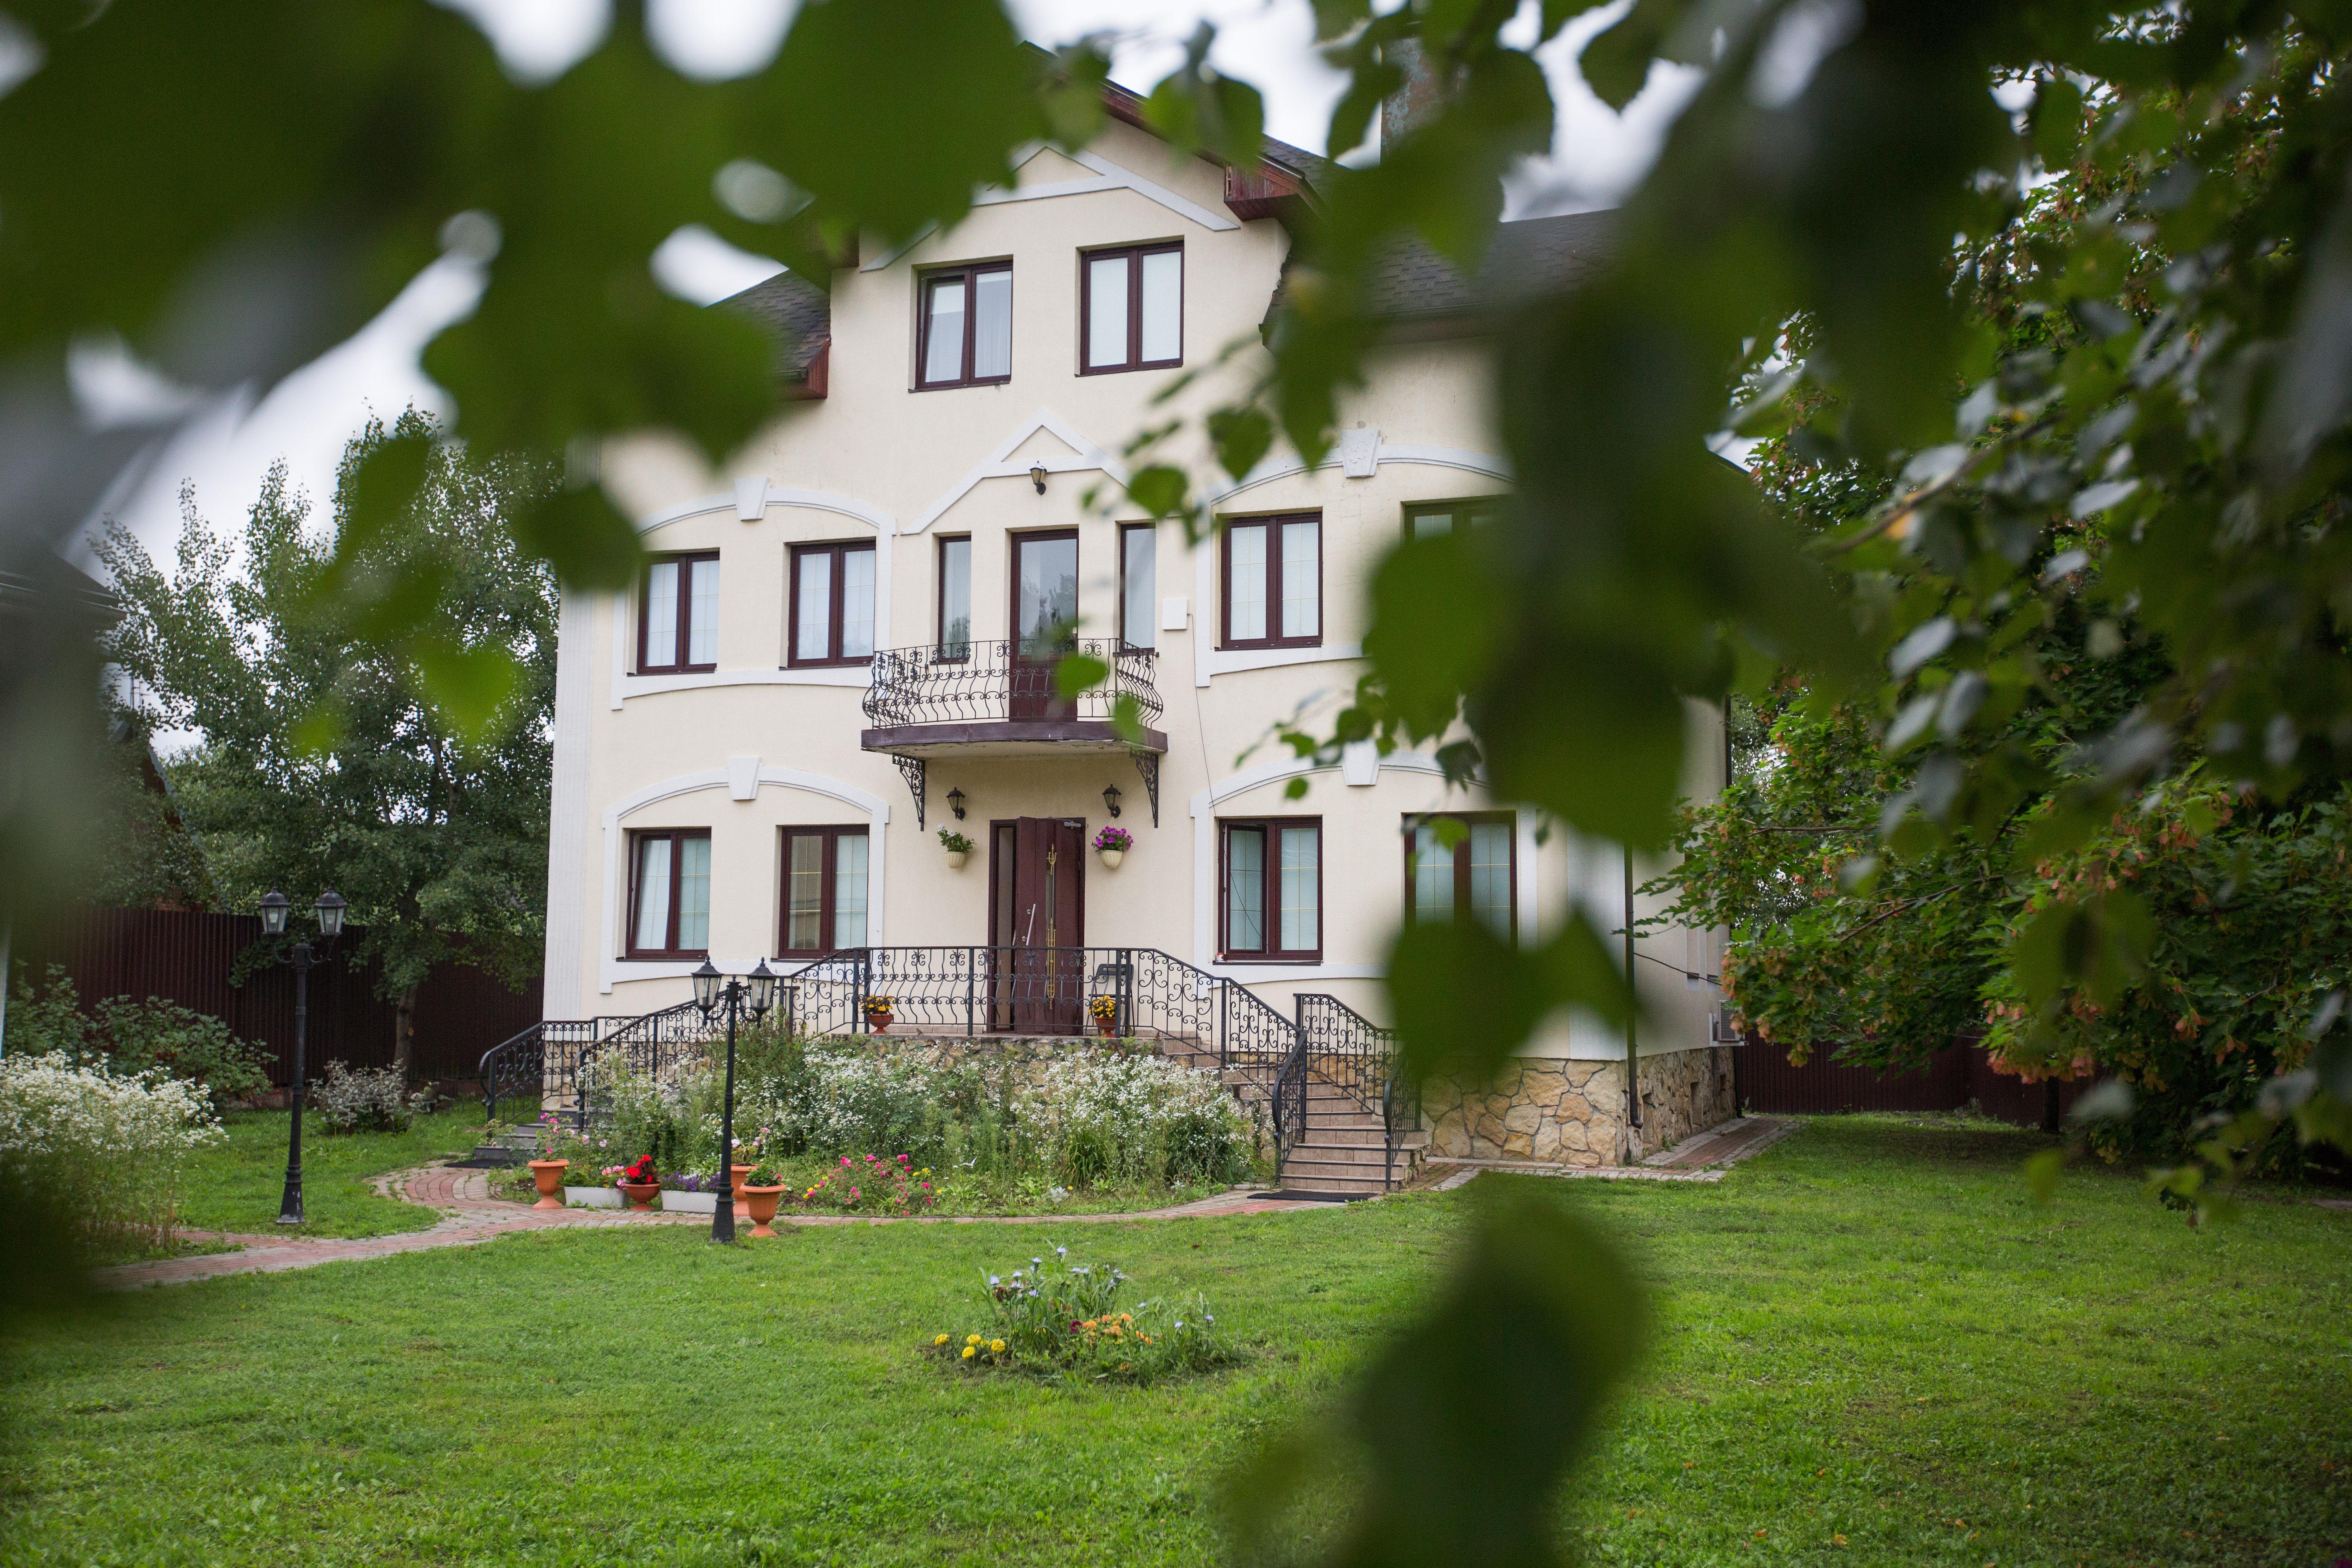 Пансионат для престарелых истринский район частные дома интернаты для престарелых